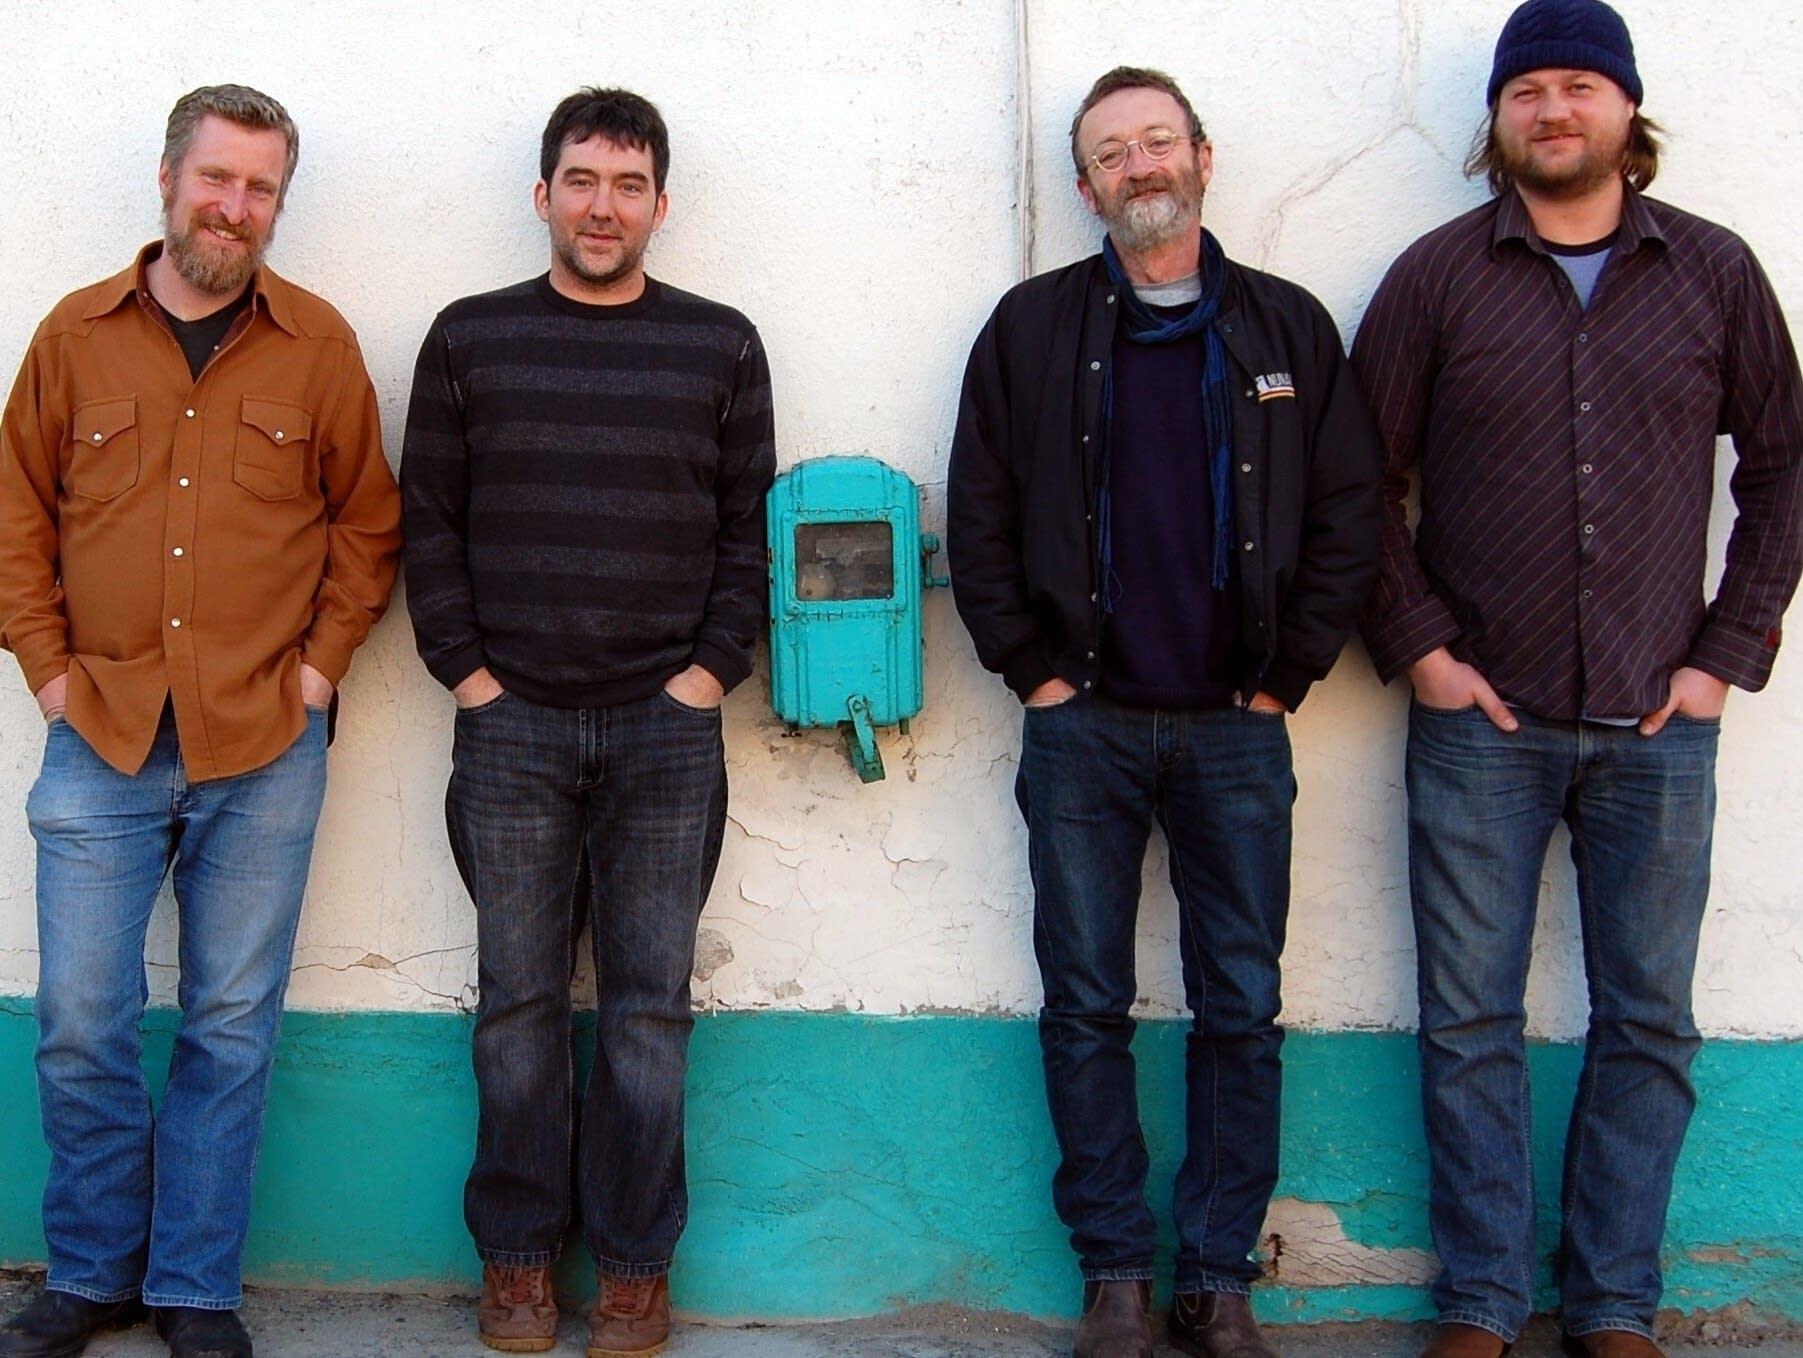 David Francey and his band